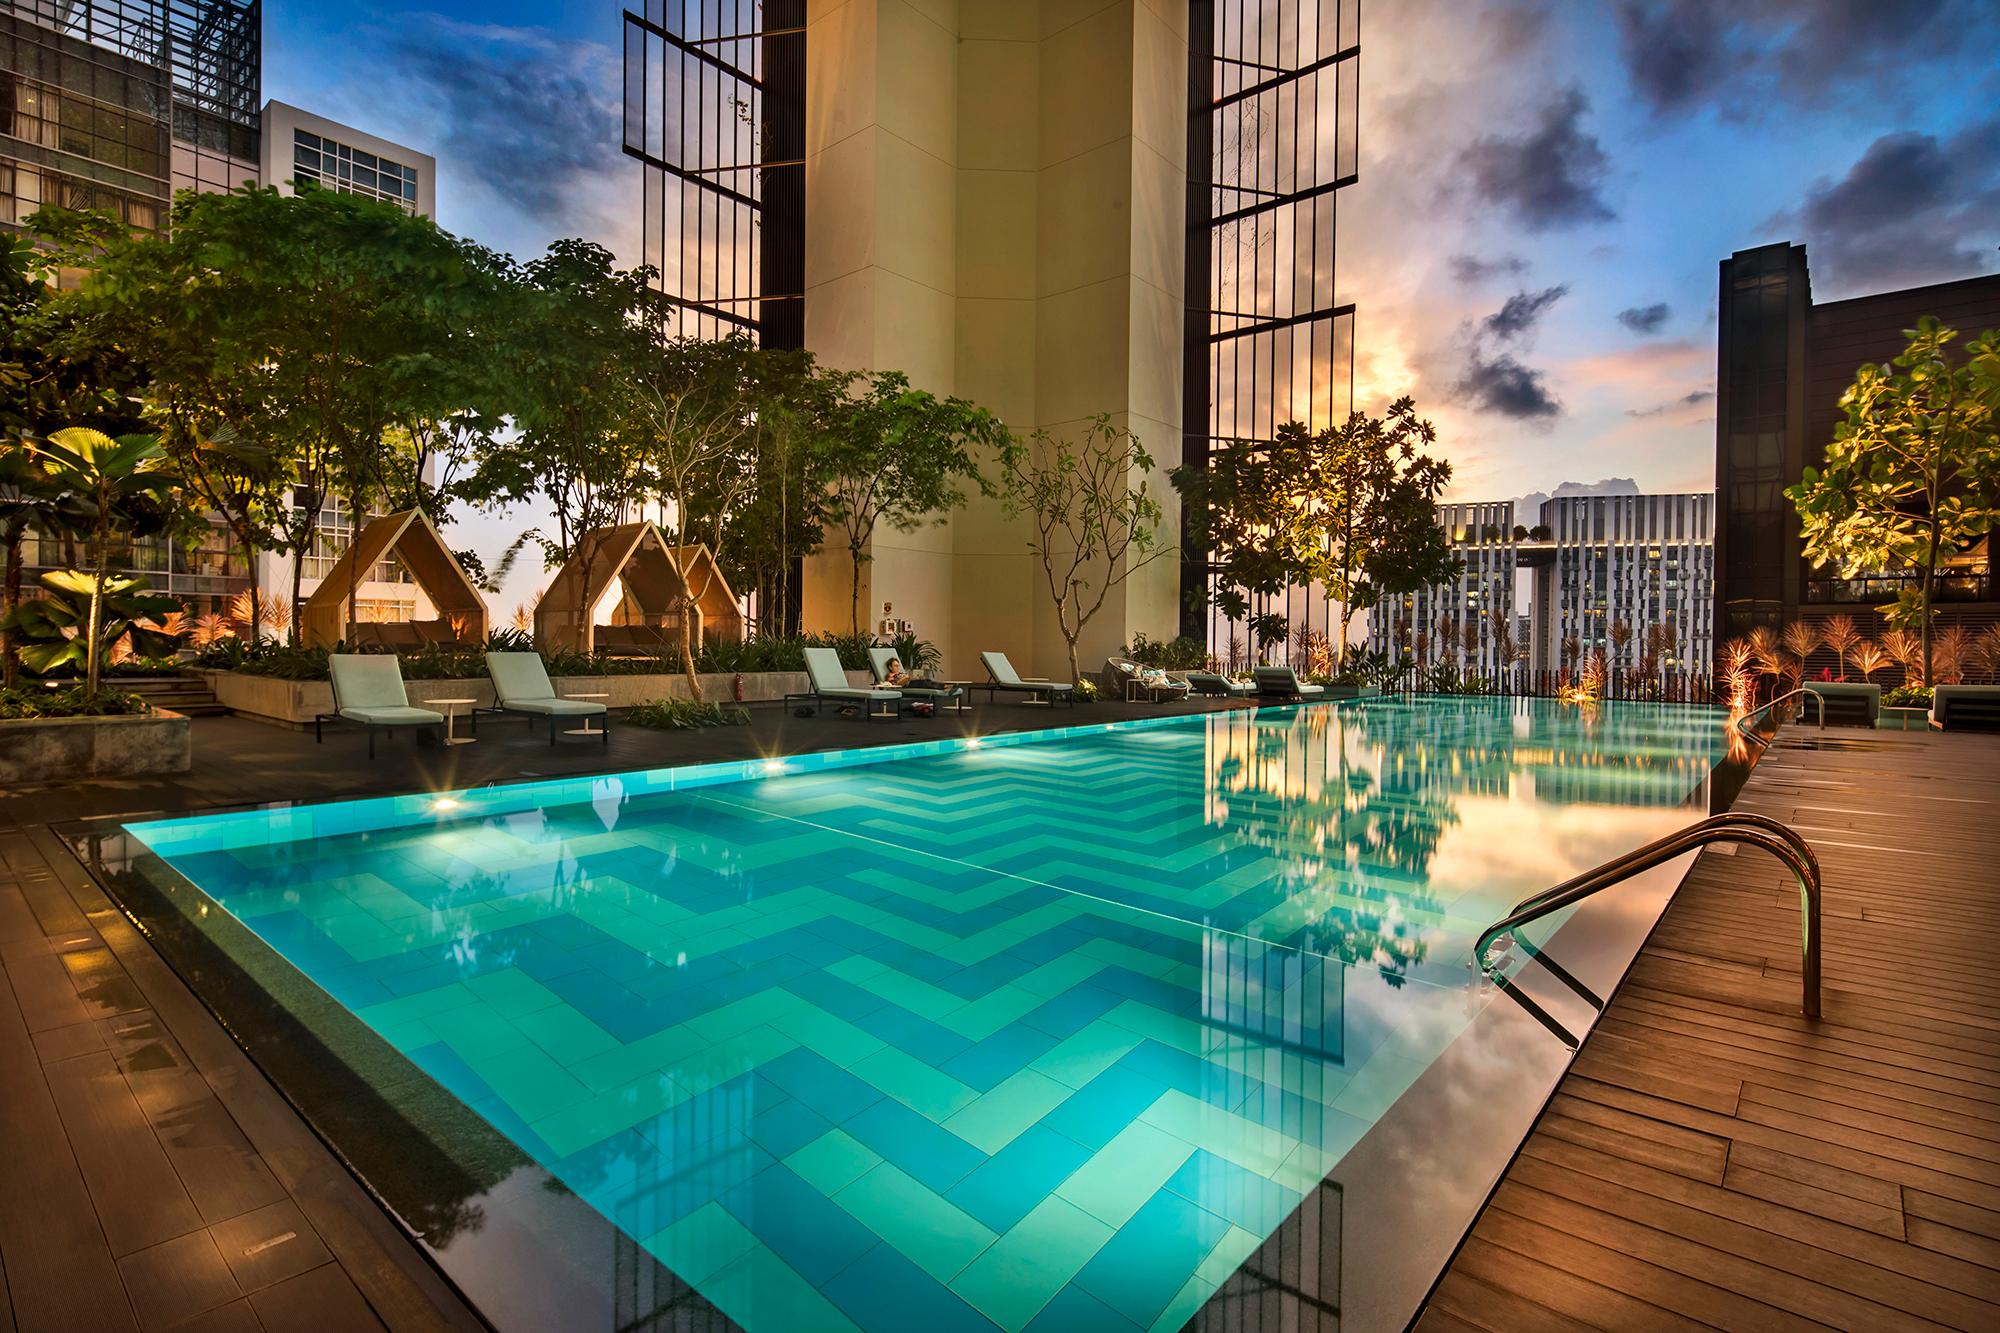 Oasia-hotel-singapore_motiv-8